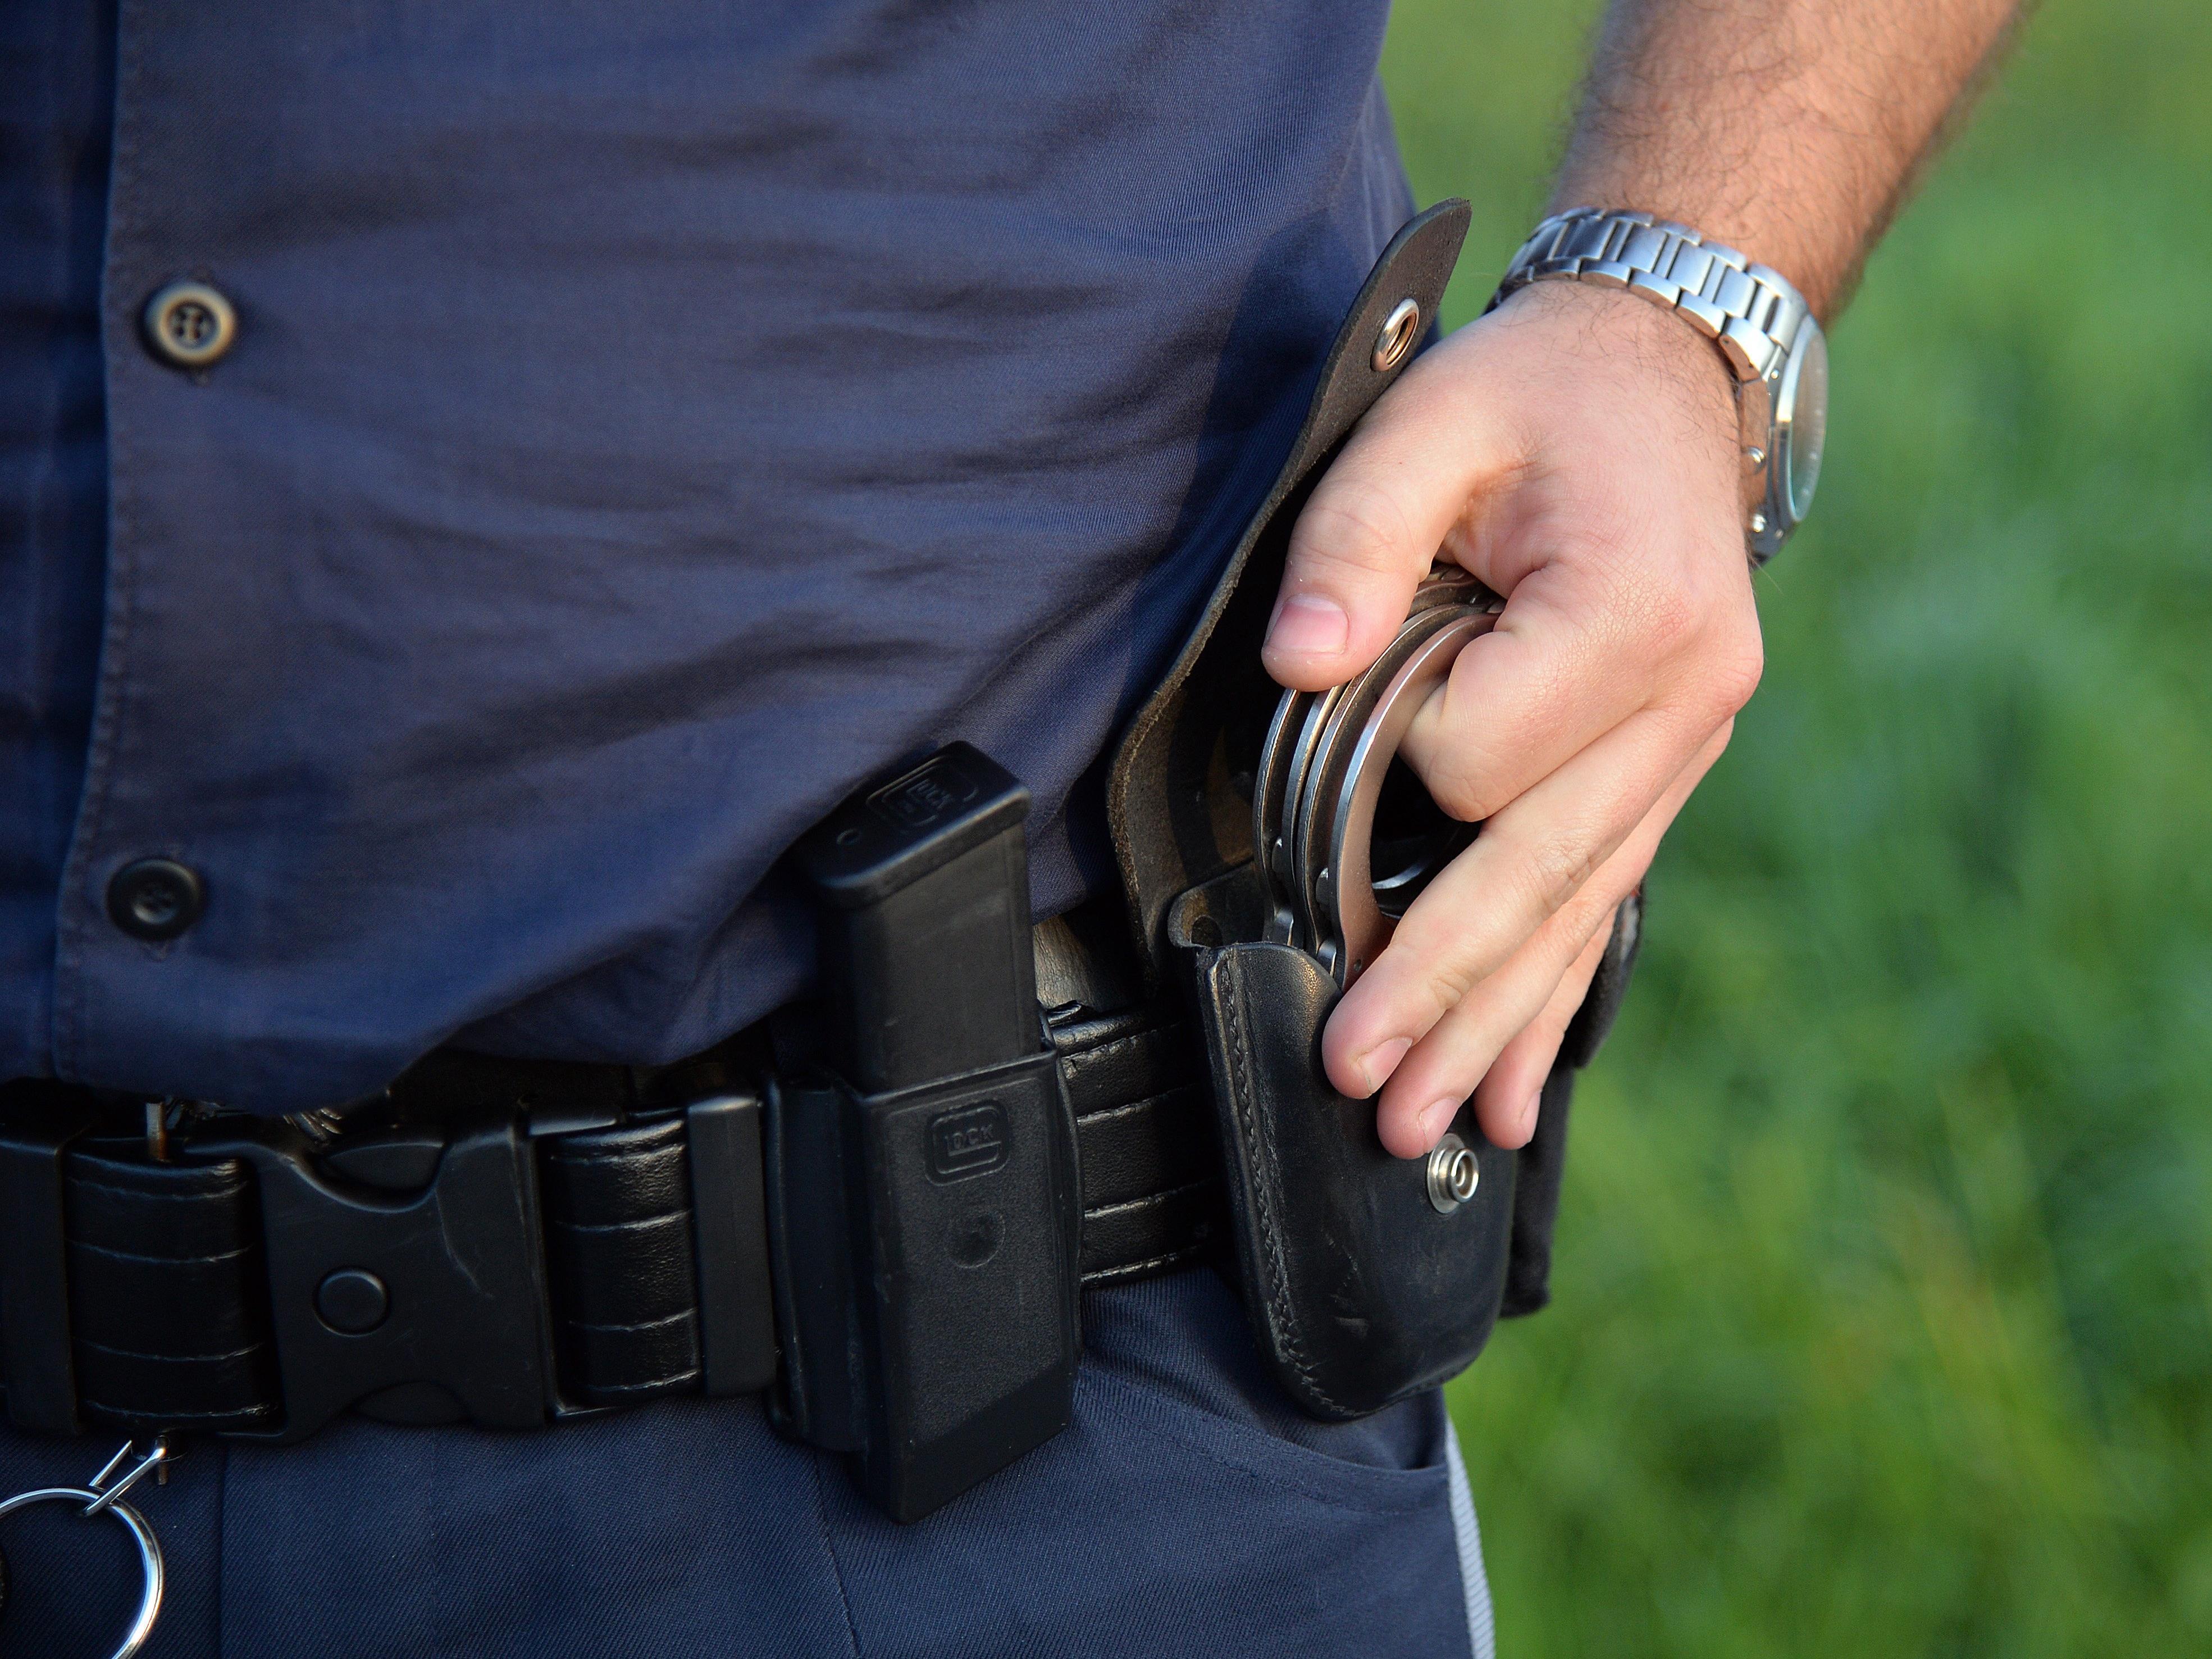 Für die Beschuldigten klickten am Dienstag die Handschellen.